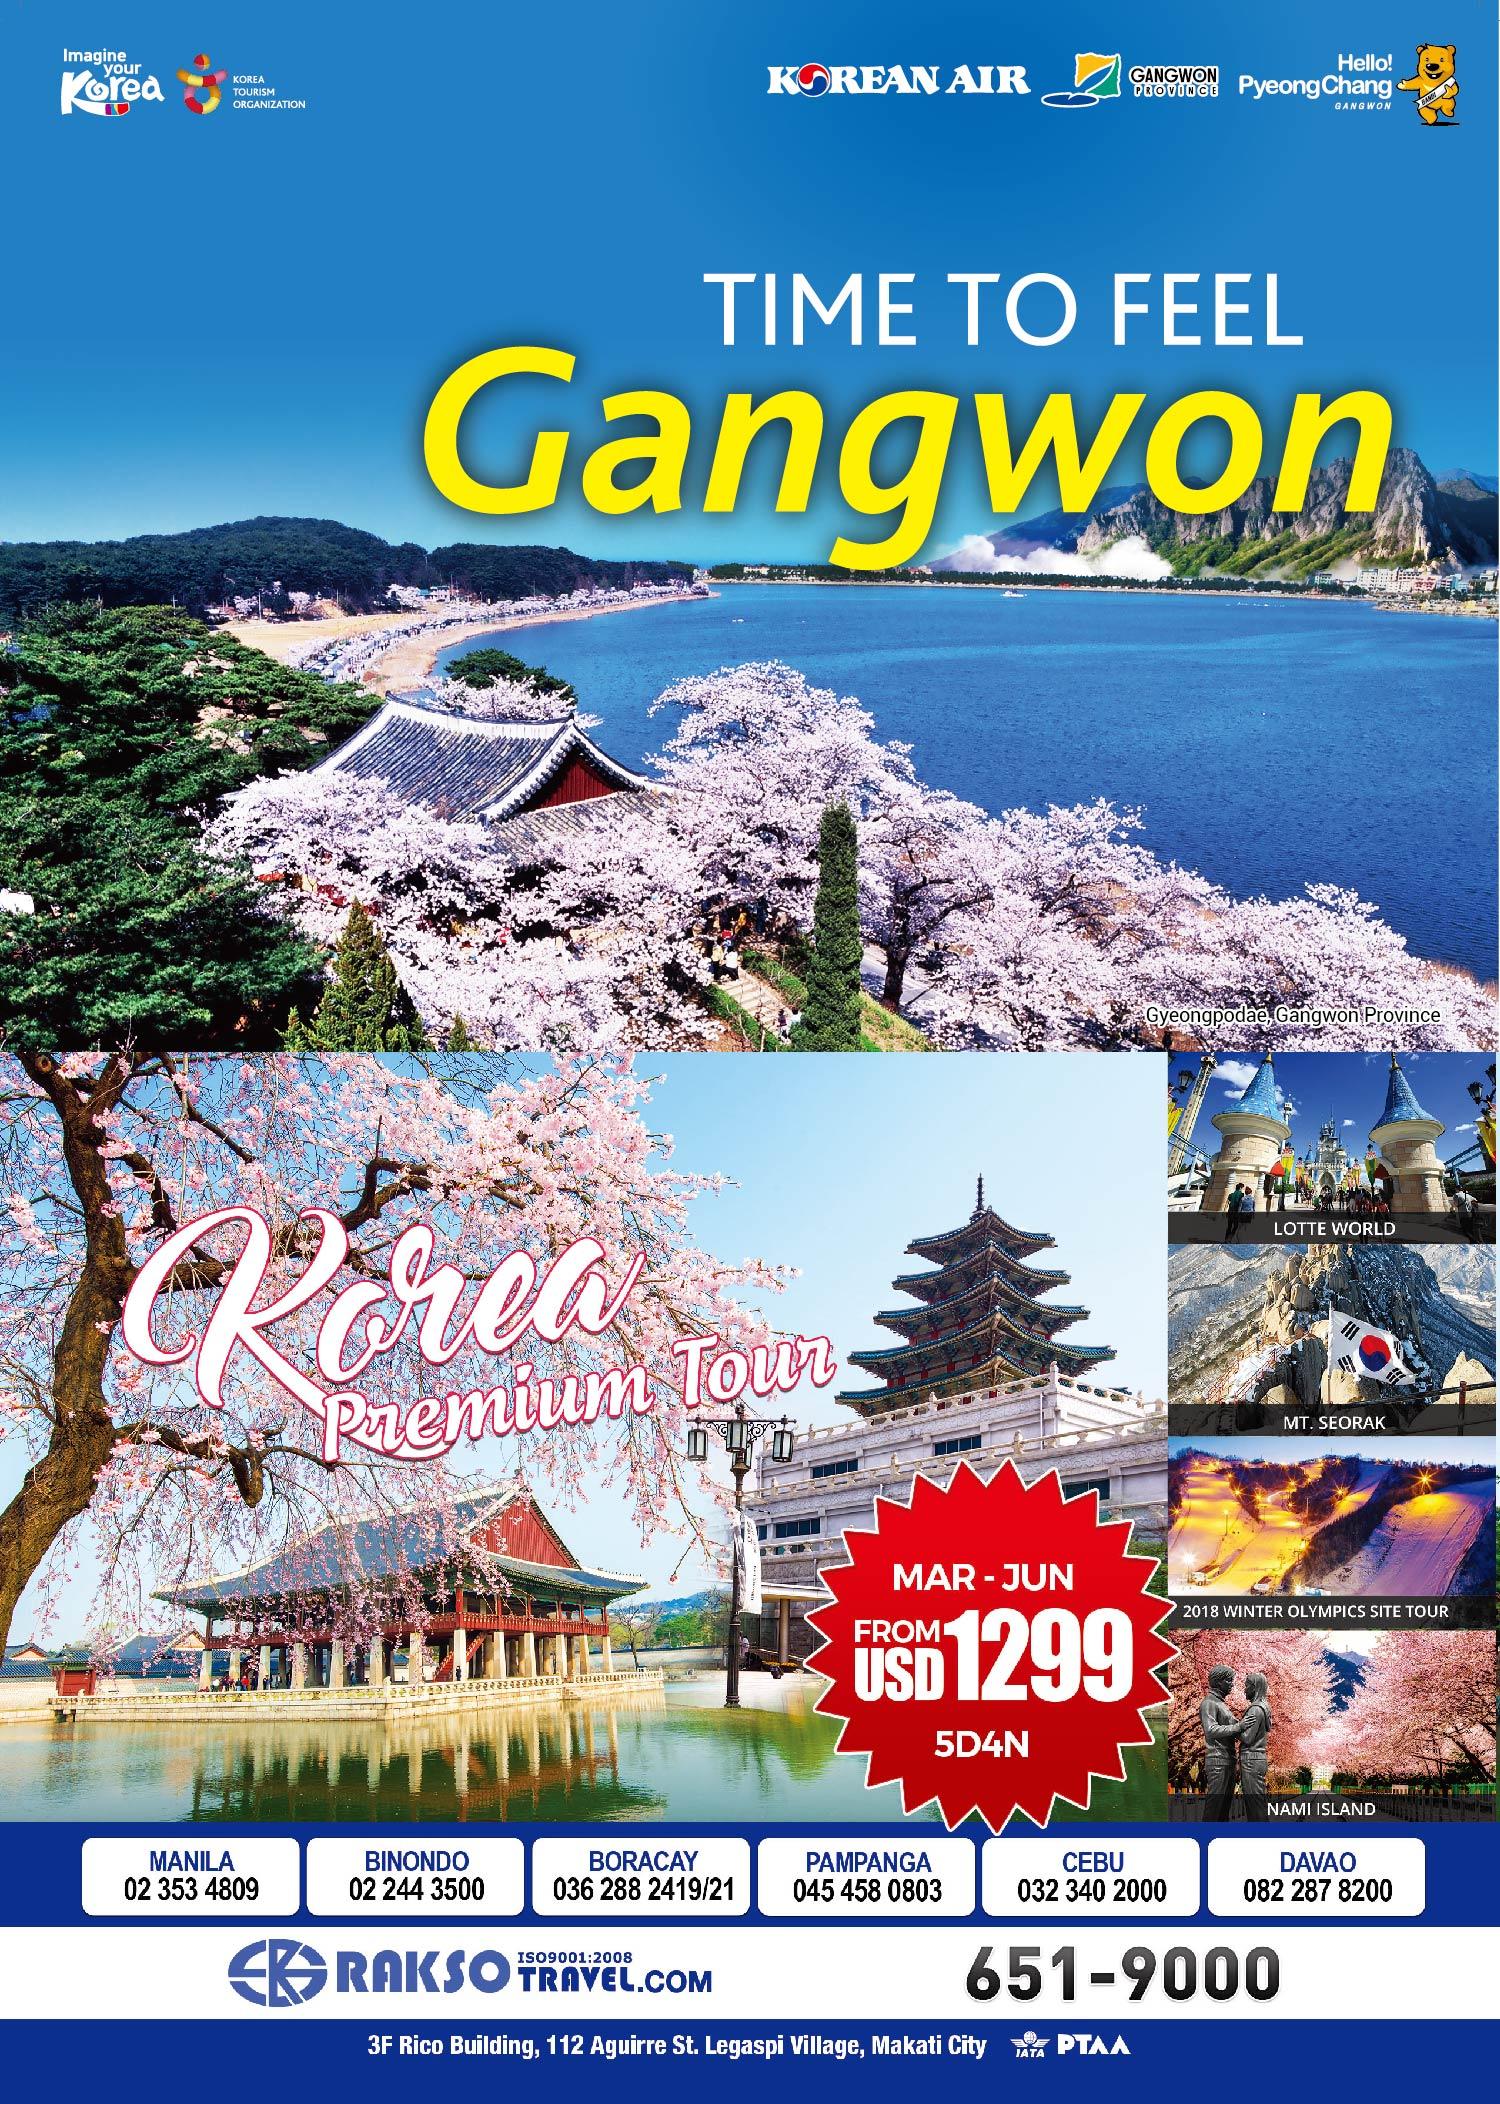 Korea Premium Tour Official Tourism Organization Winter Package 4d3n